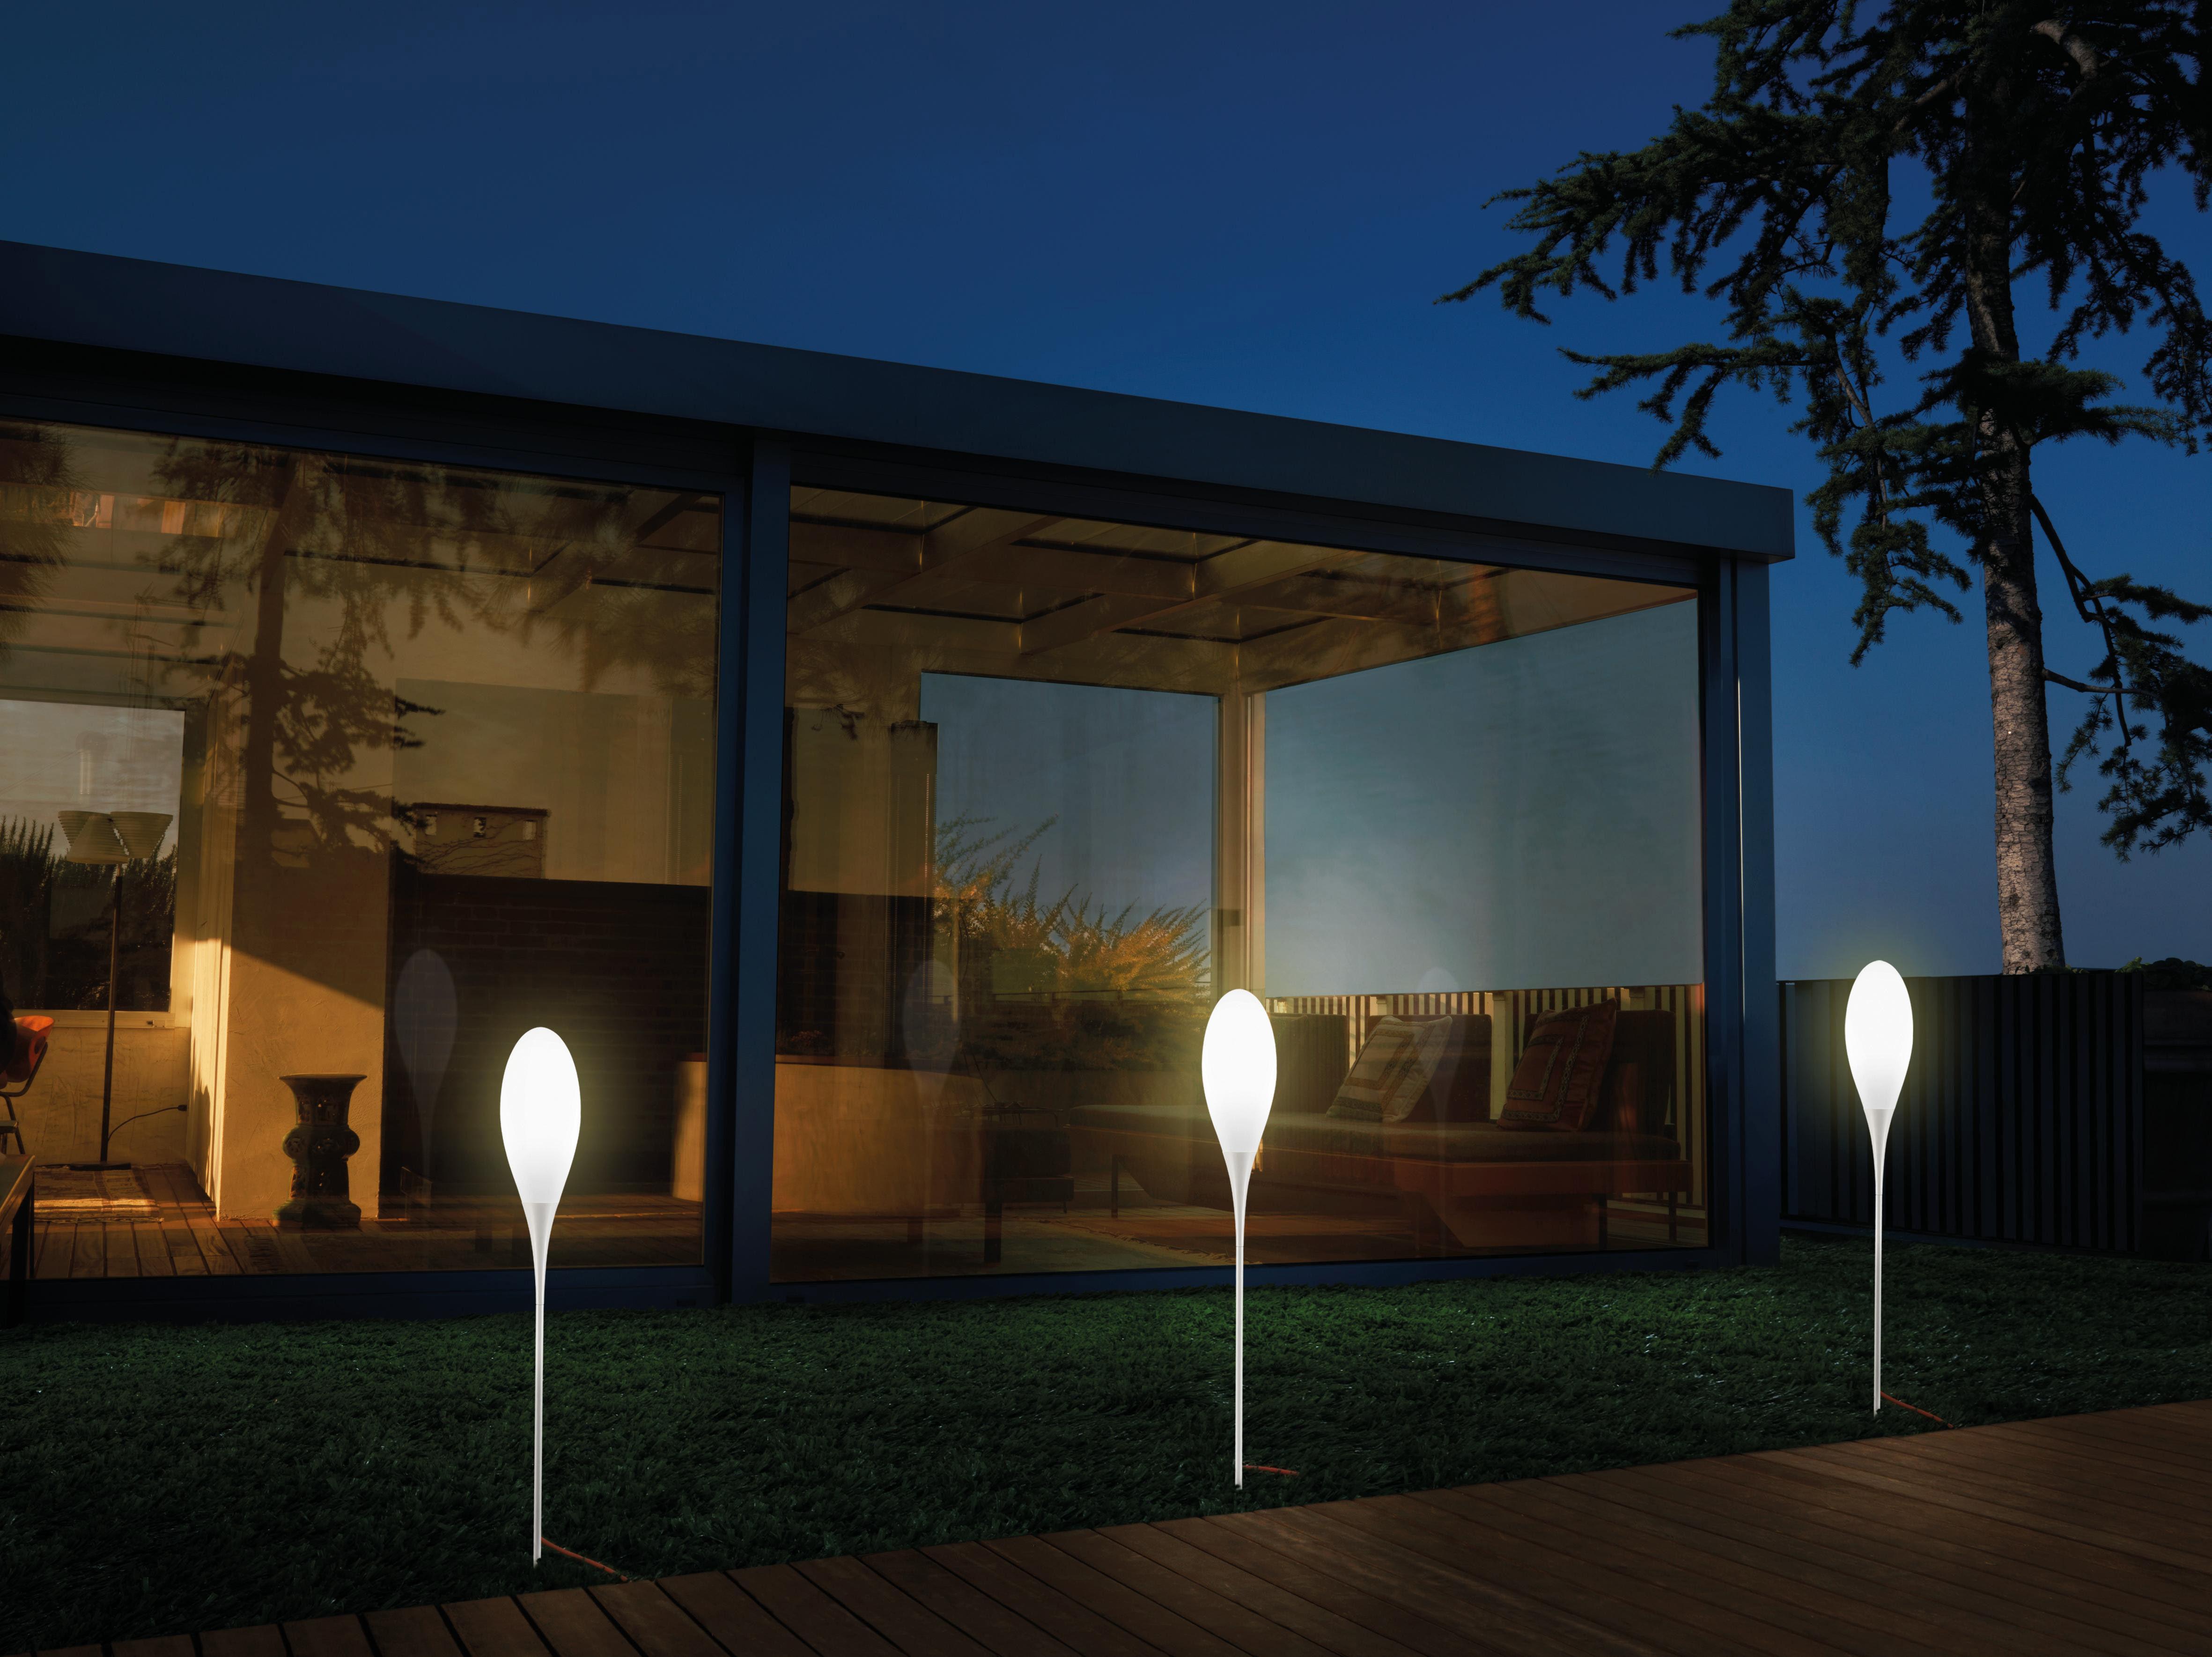 Spillo lampada a stelo da esterno bianco per lesterno by